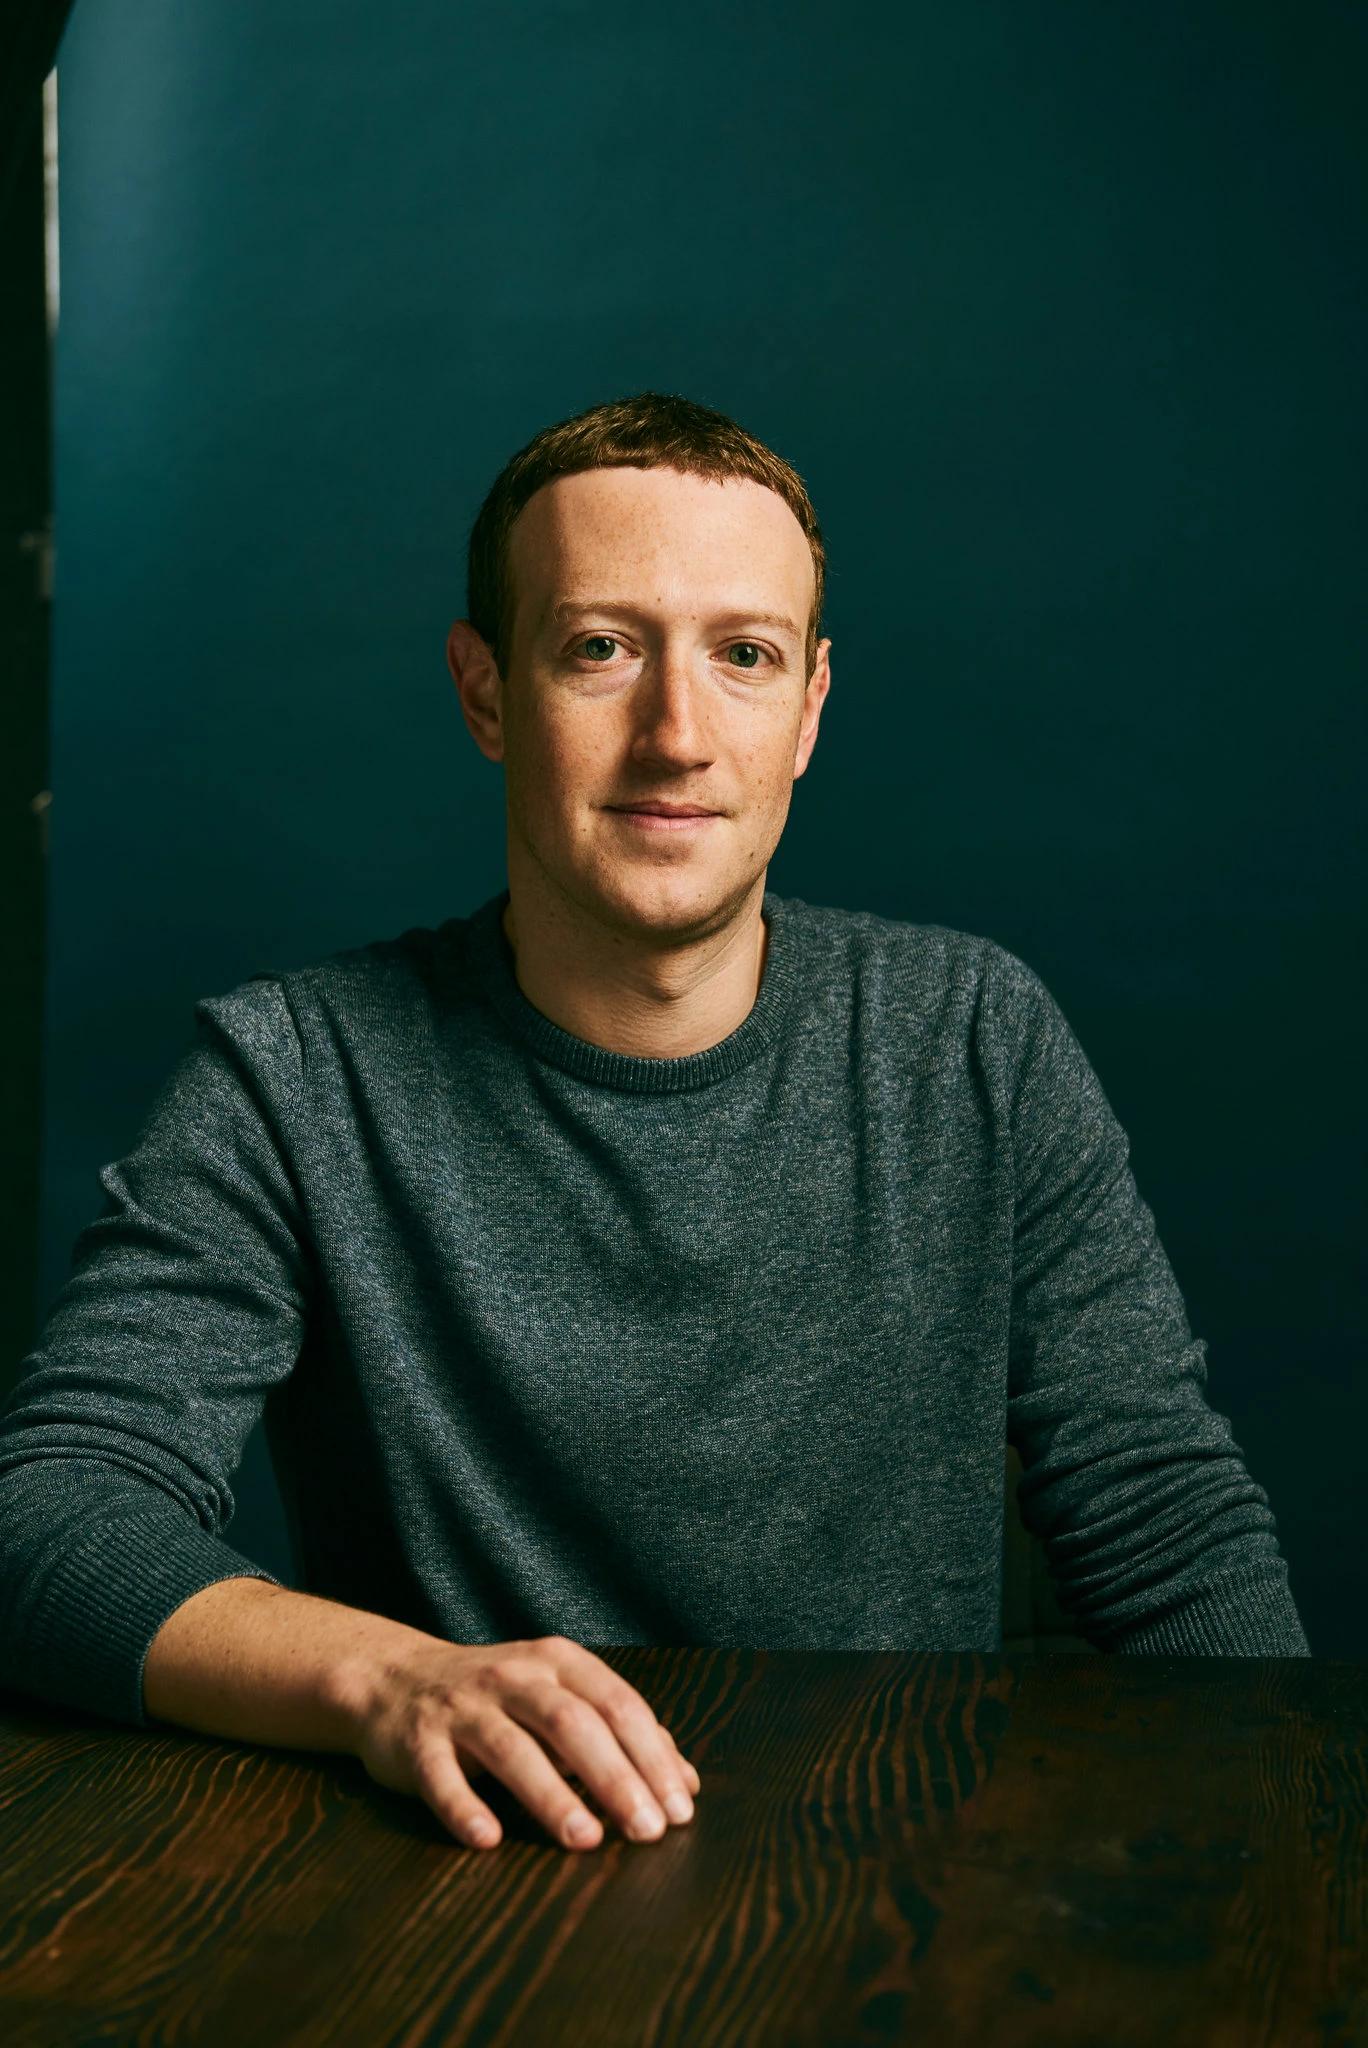 欧盟将首次对AI进行监管 苹果谷歌脸书大佬前往游说插图